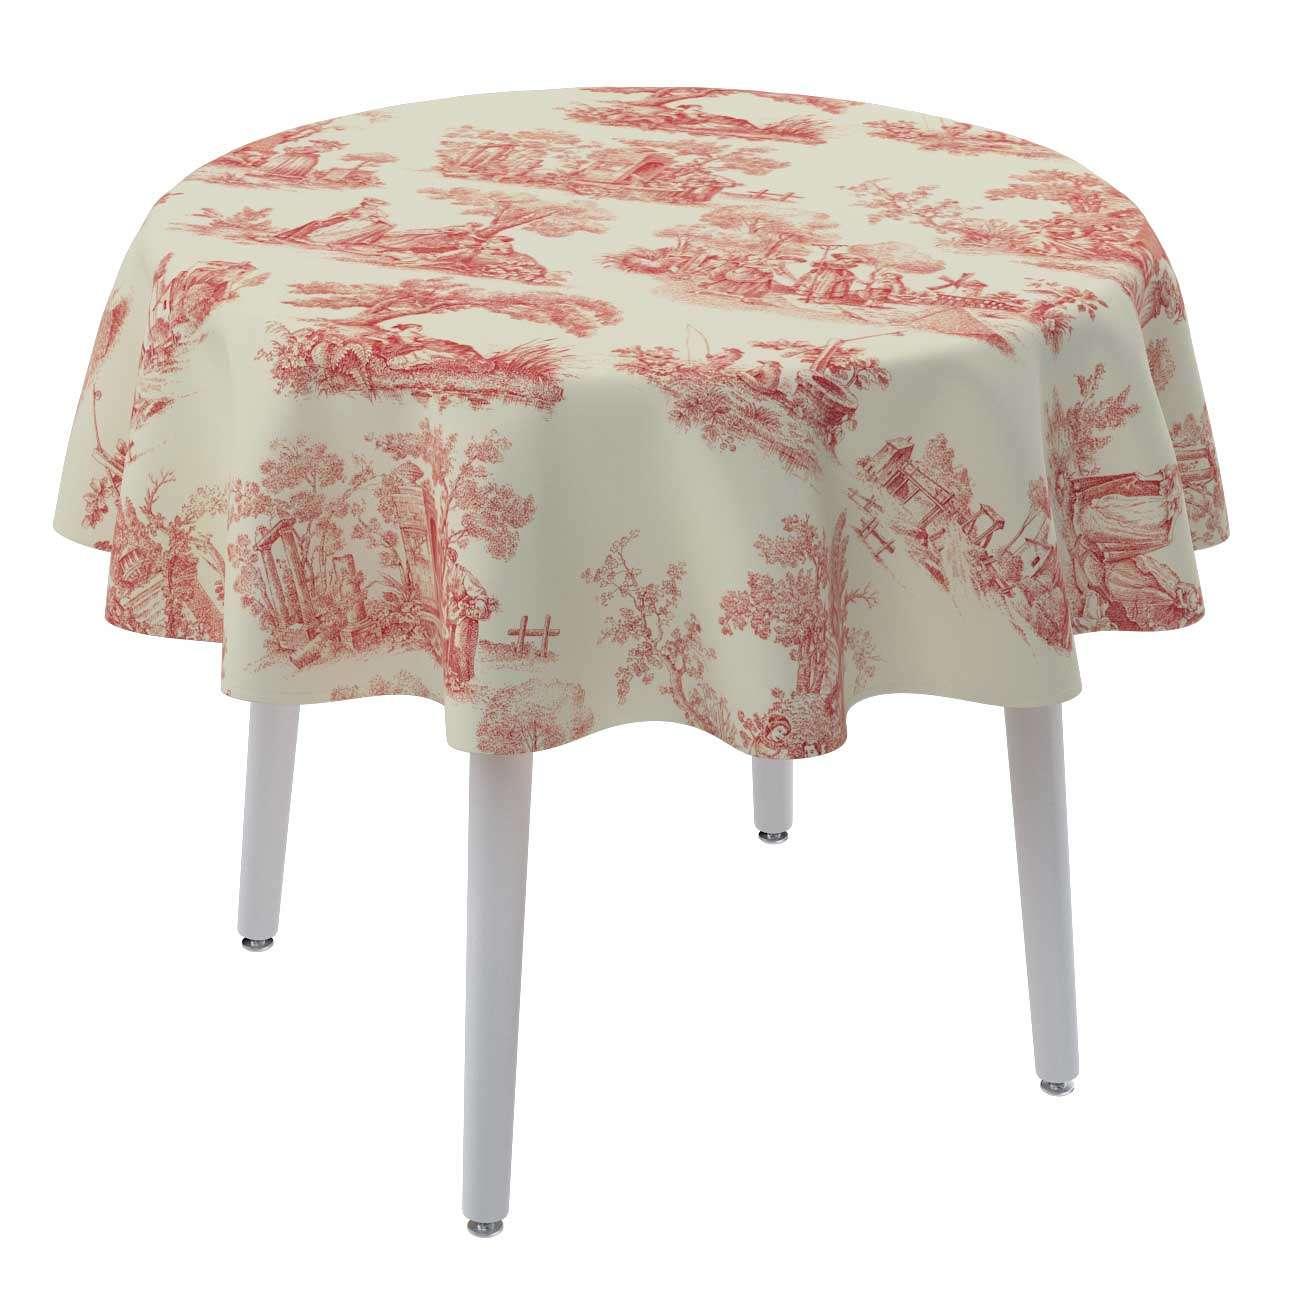 Runde Tischdecke Ø 135 cm von der Kollektion Avinon, Stoff: 132-15